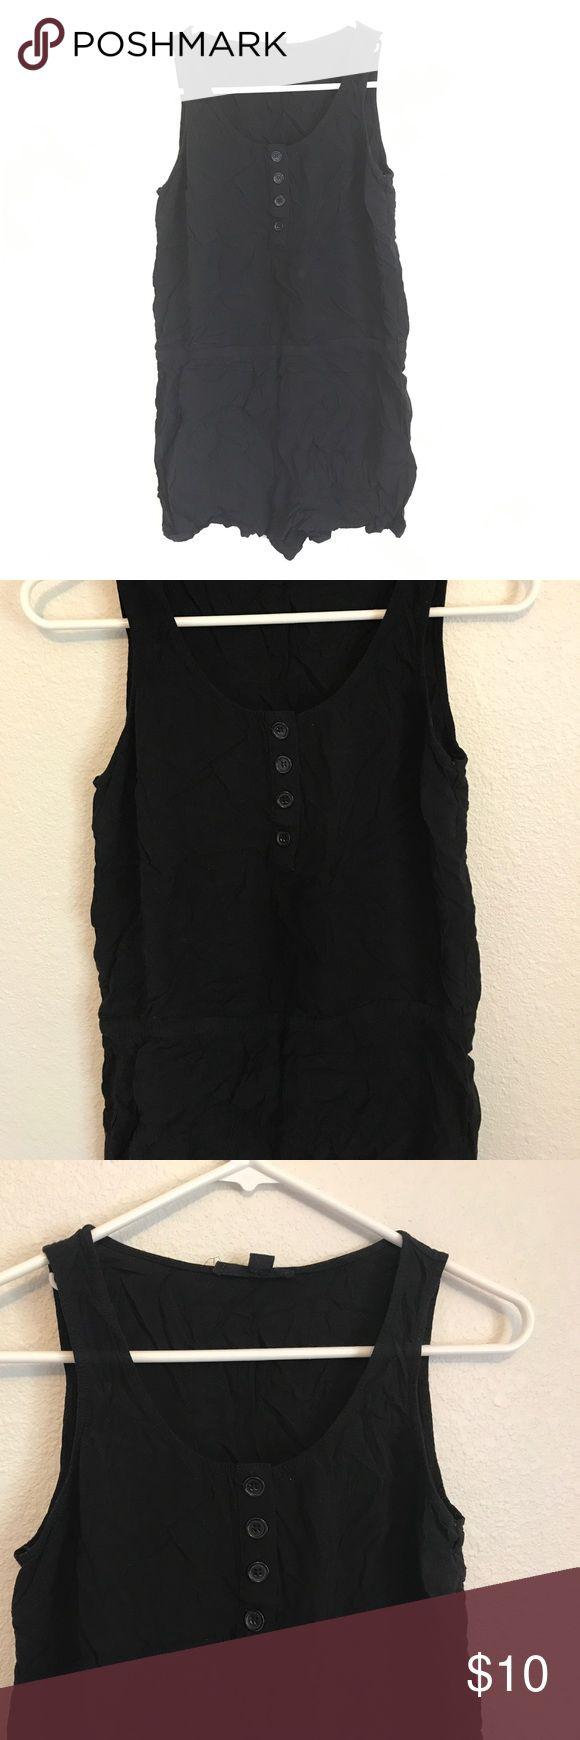 F21 Black Romper Forever 21 Black Romper, shorts, button up chest, Size Medium, Never worn Forever 21 Dresses